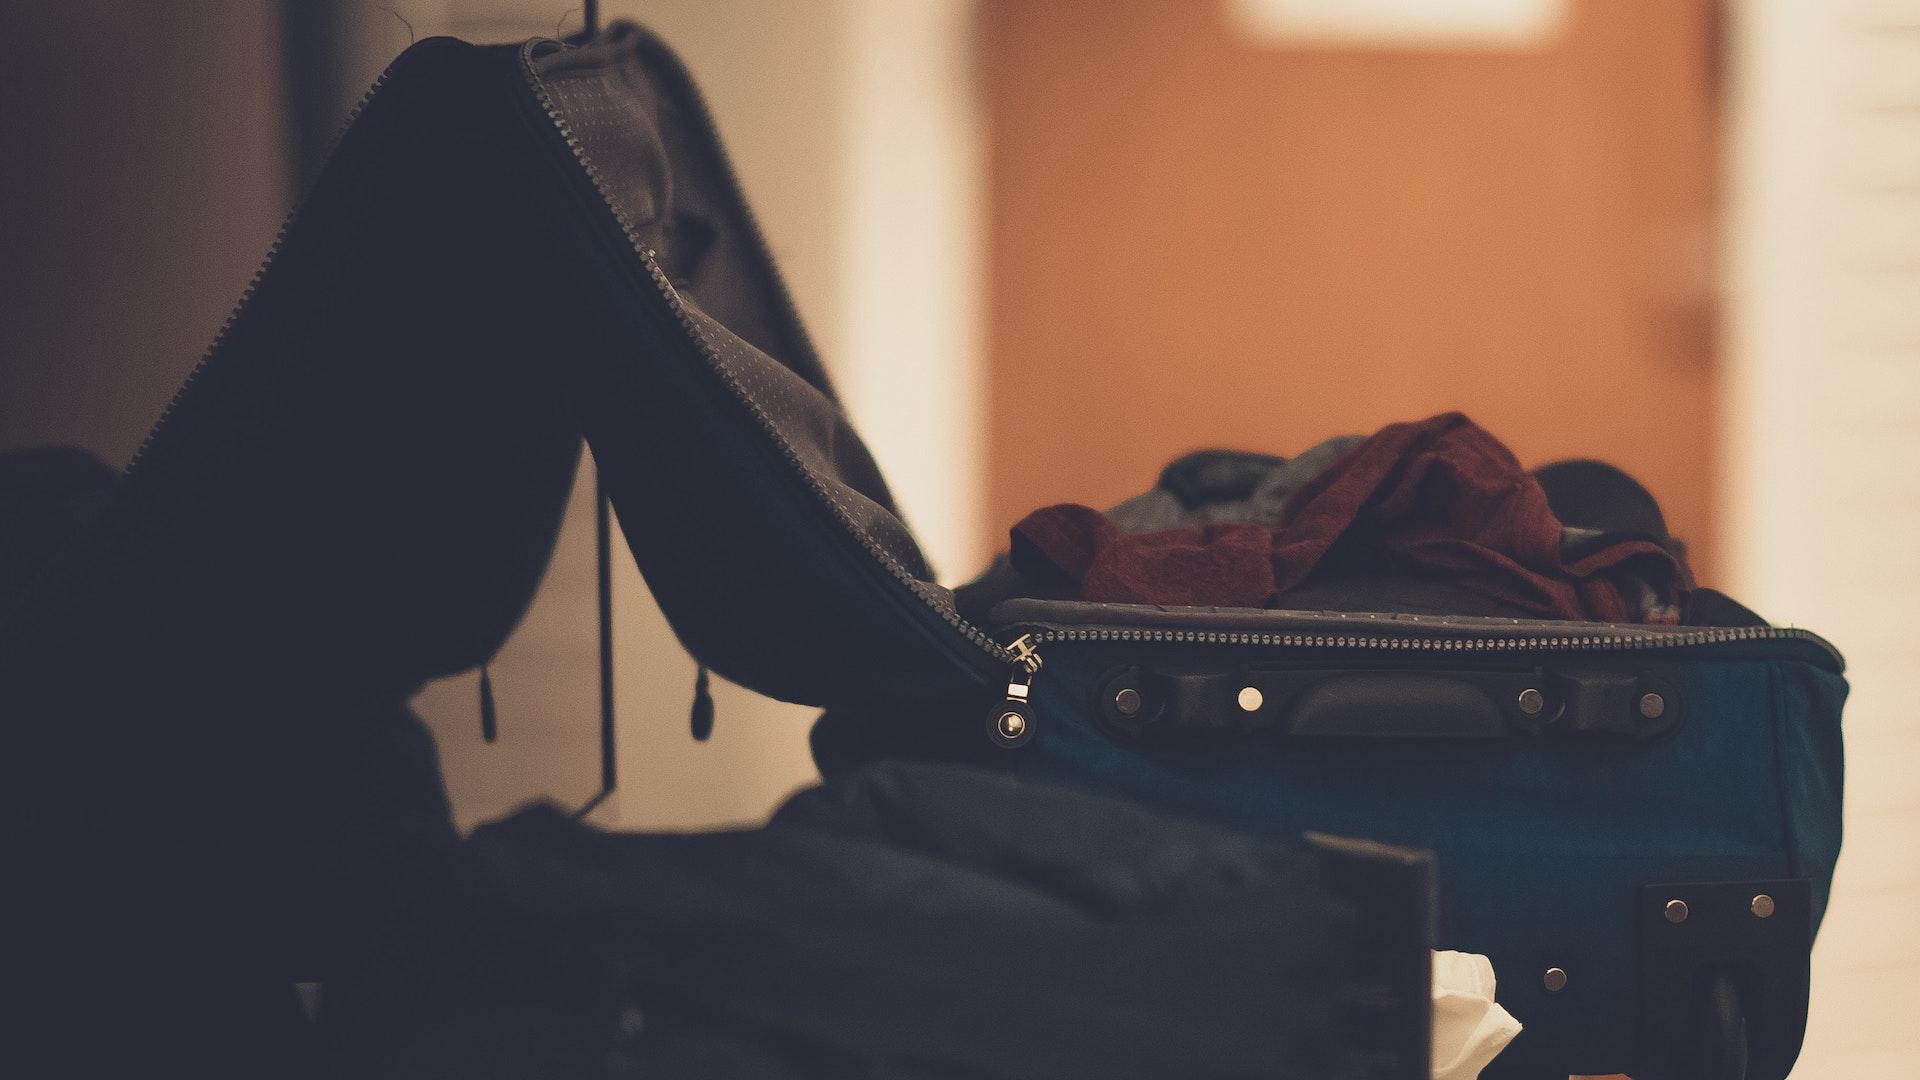 La mejor forma de armar las valijas y tener la maleta perfecta